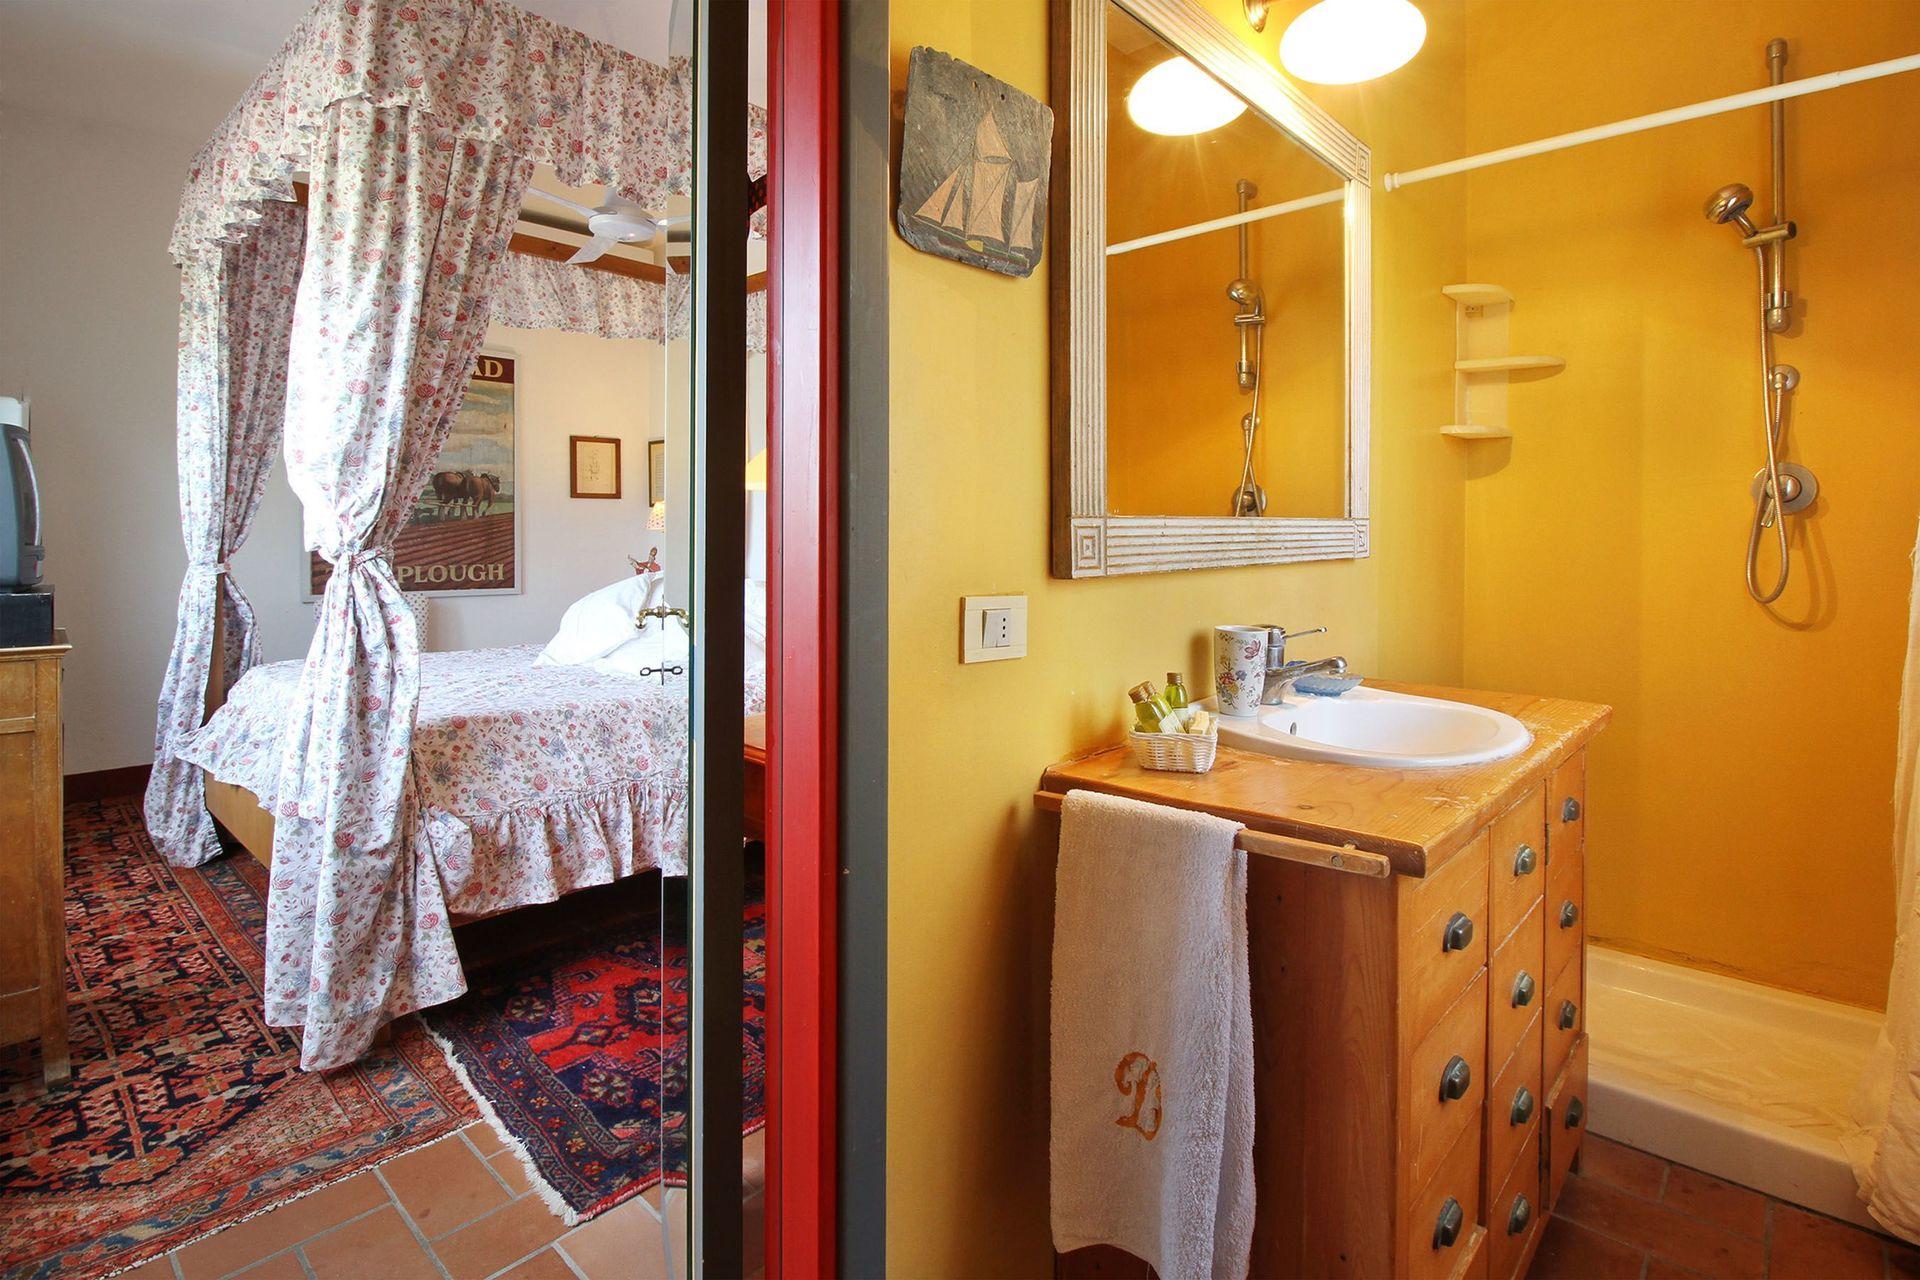 Il Lupinaio 43 location de vacances Couchages 8 dans 4 chambres